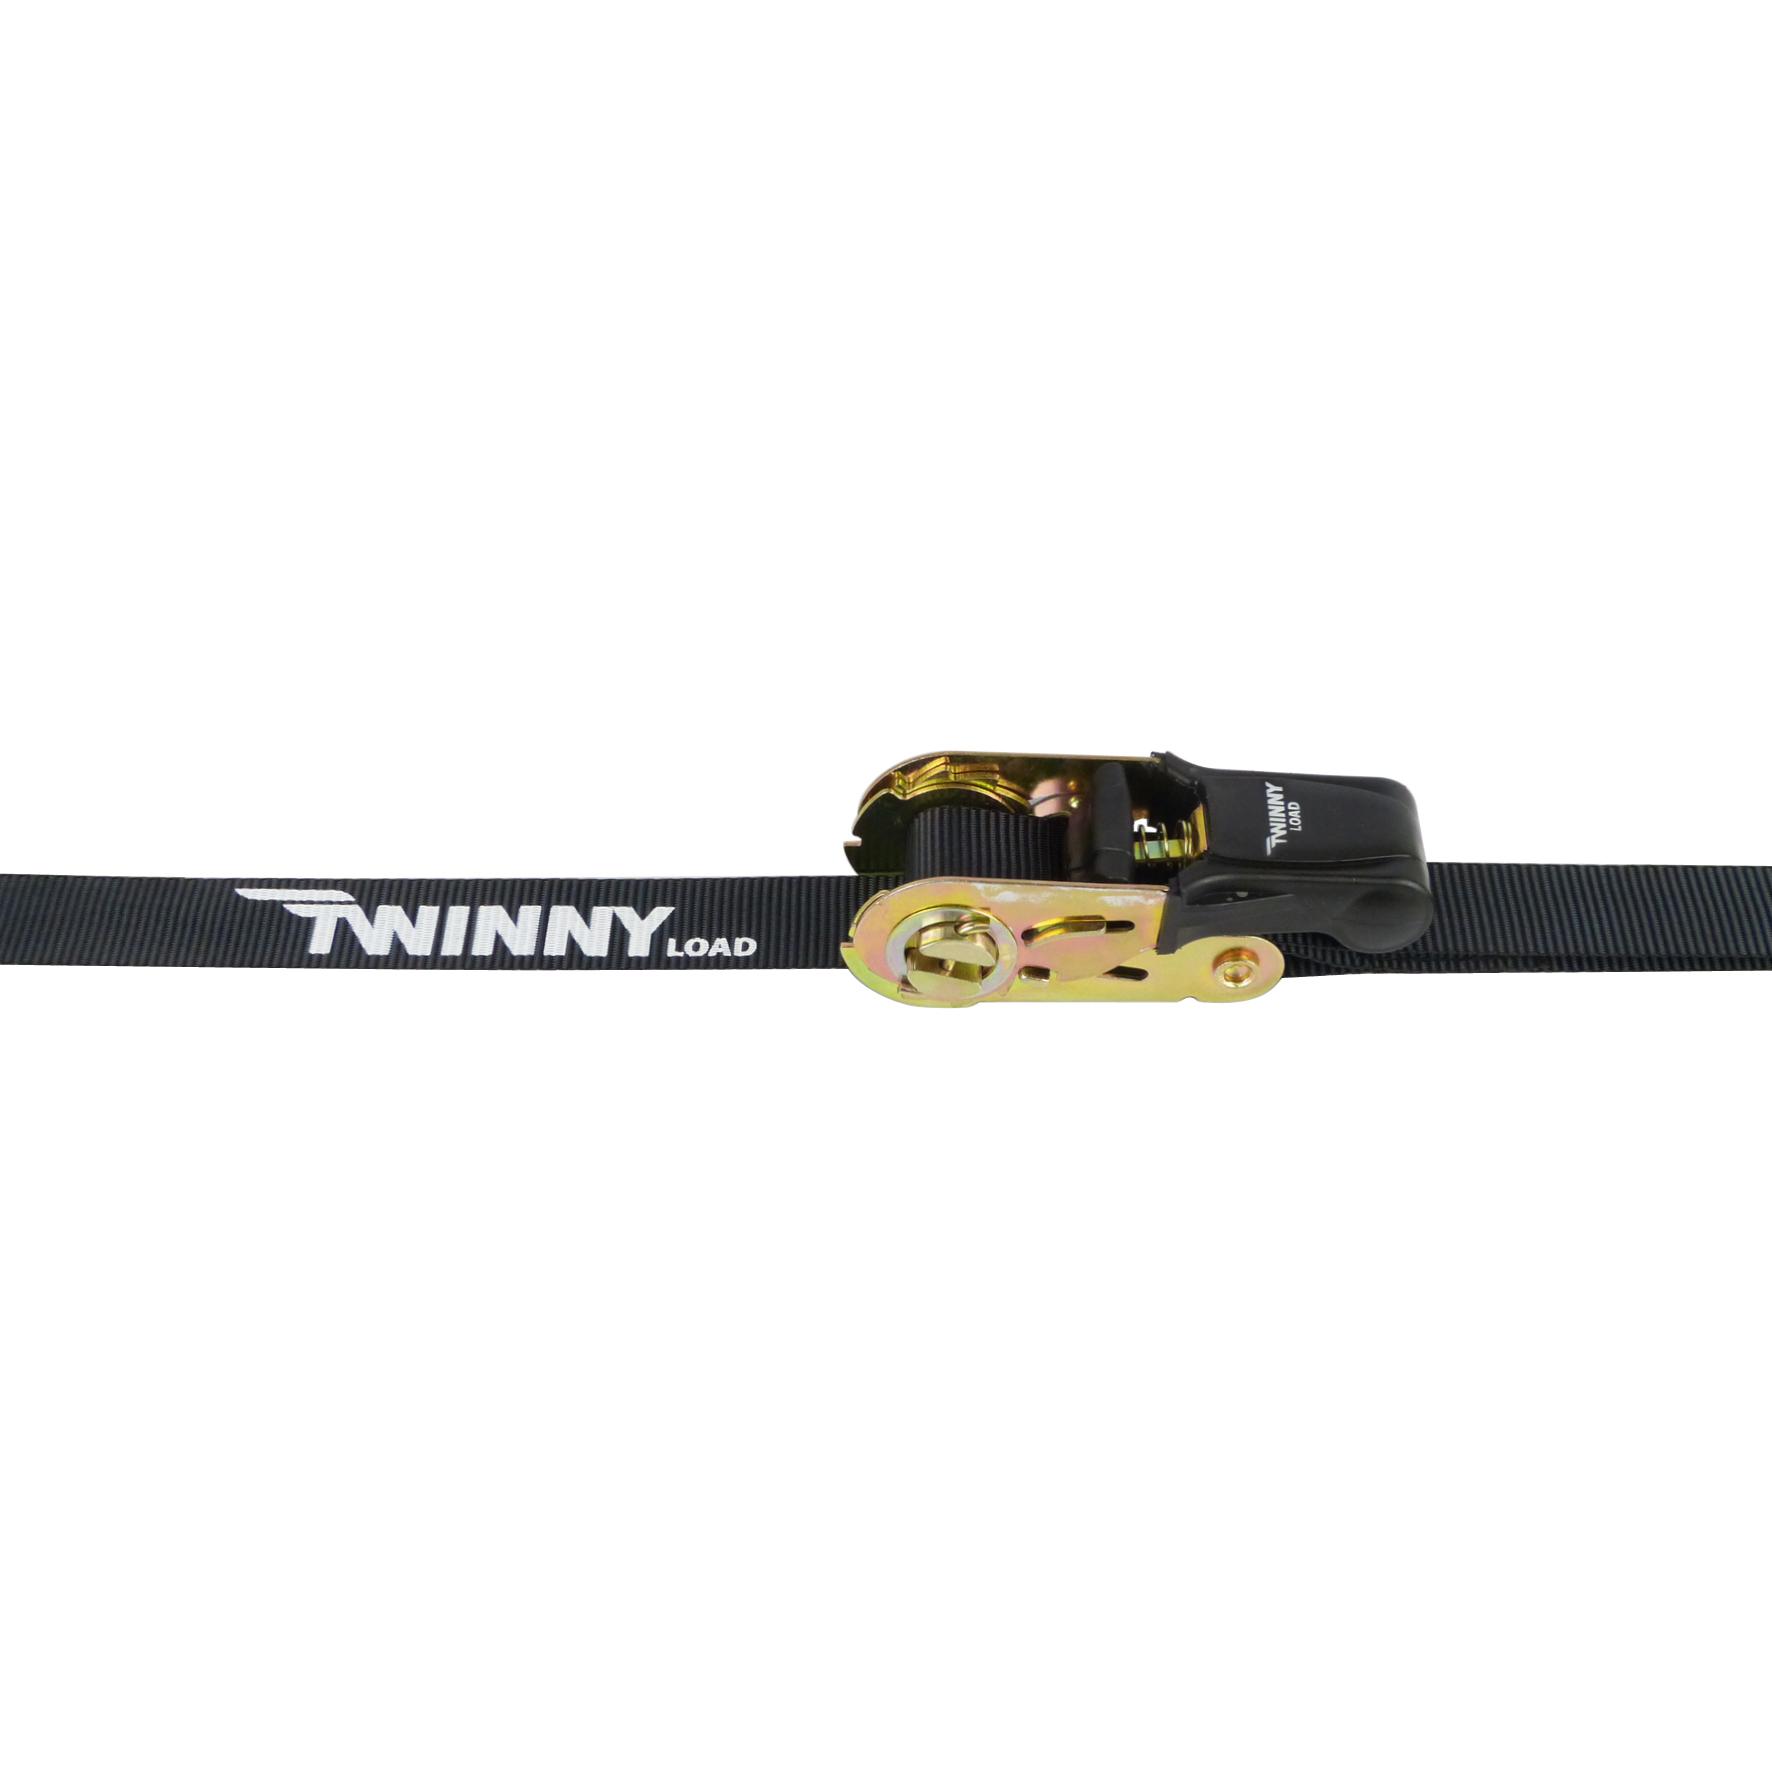 Twinny Load 627998040 Spanbandenset 9-delig